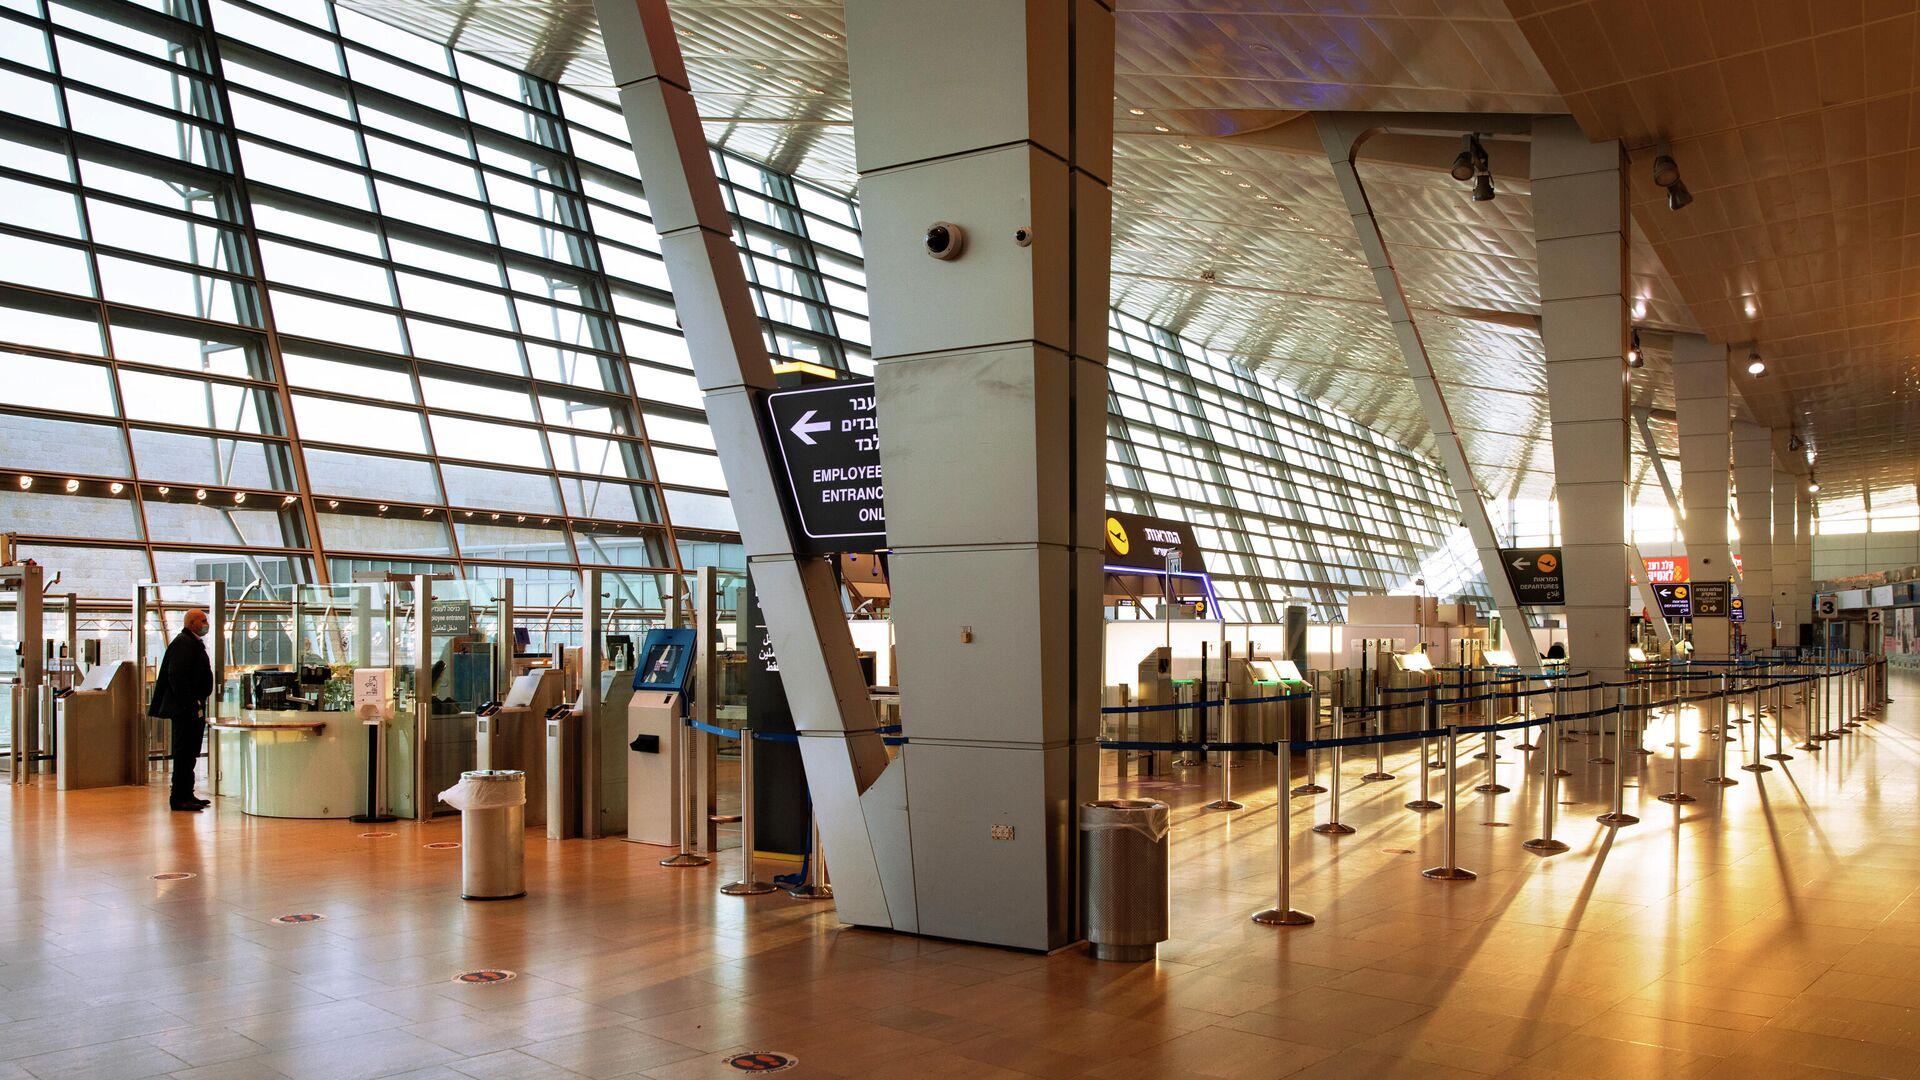 El aeropuerto Ben Gurion, el aeropuerto internacional más grande de Israel - Sputnik Mundo, 1920, 28.02.2021